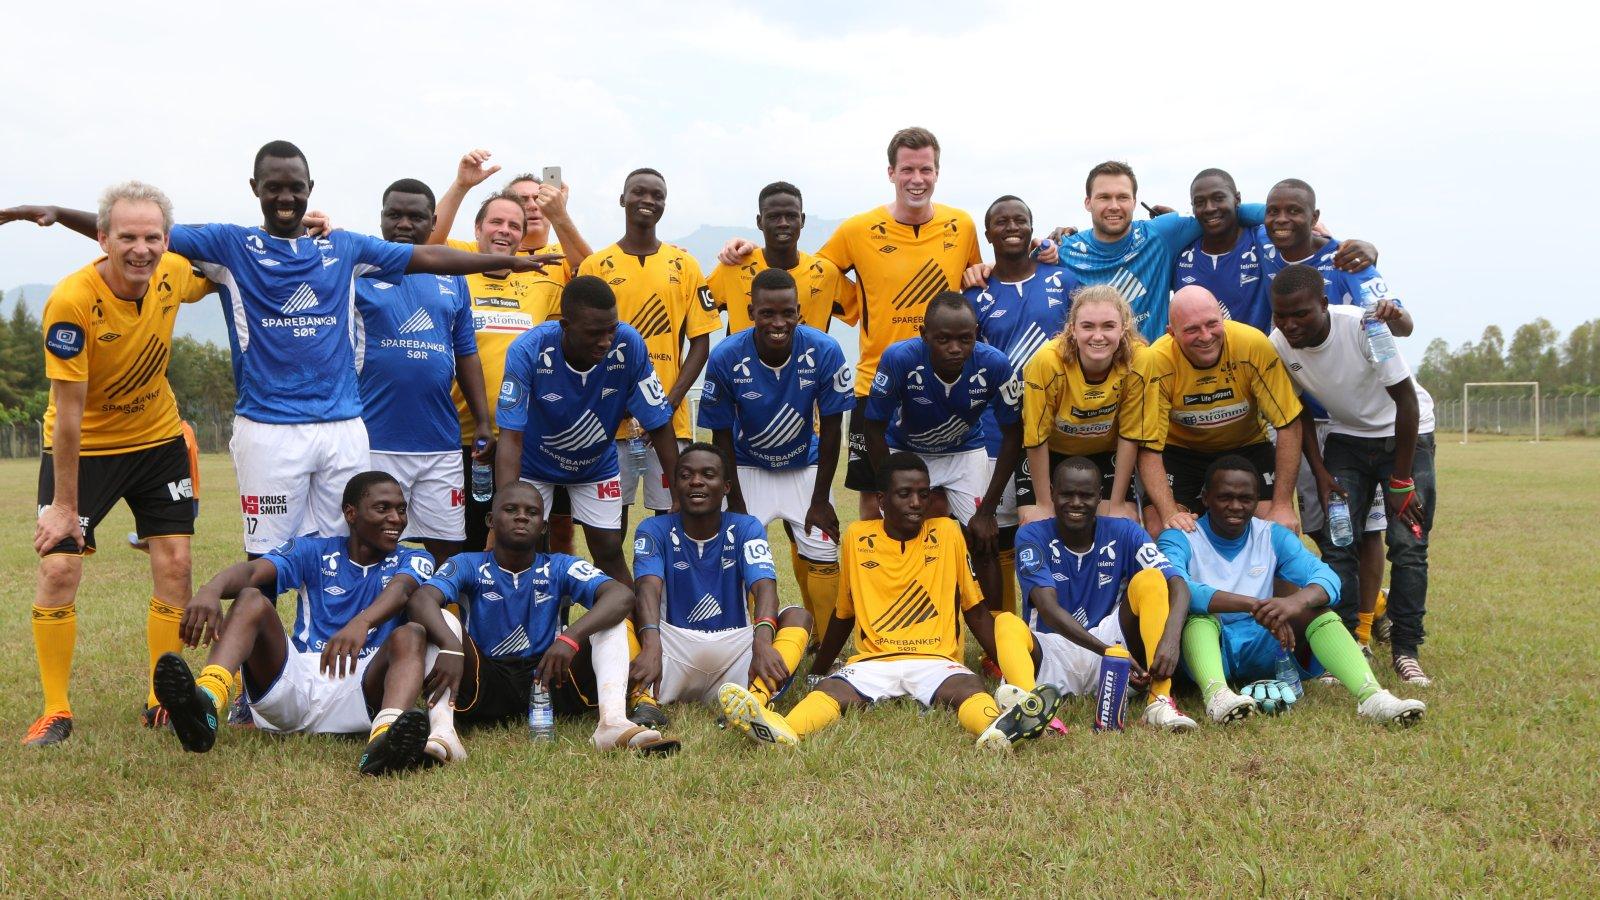 Norge-laget som fikset en sterk 4-3 seier mot Uganda.